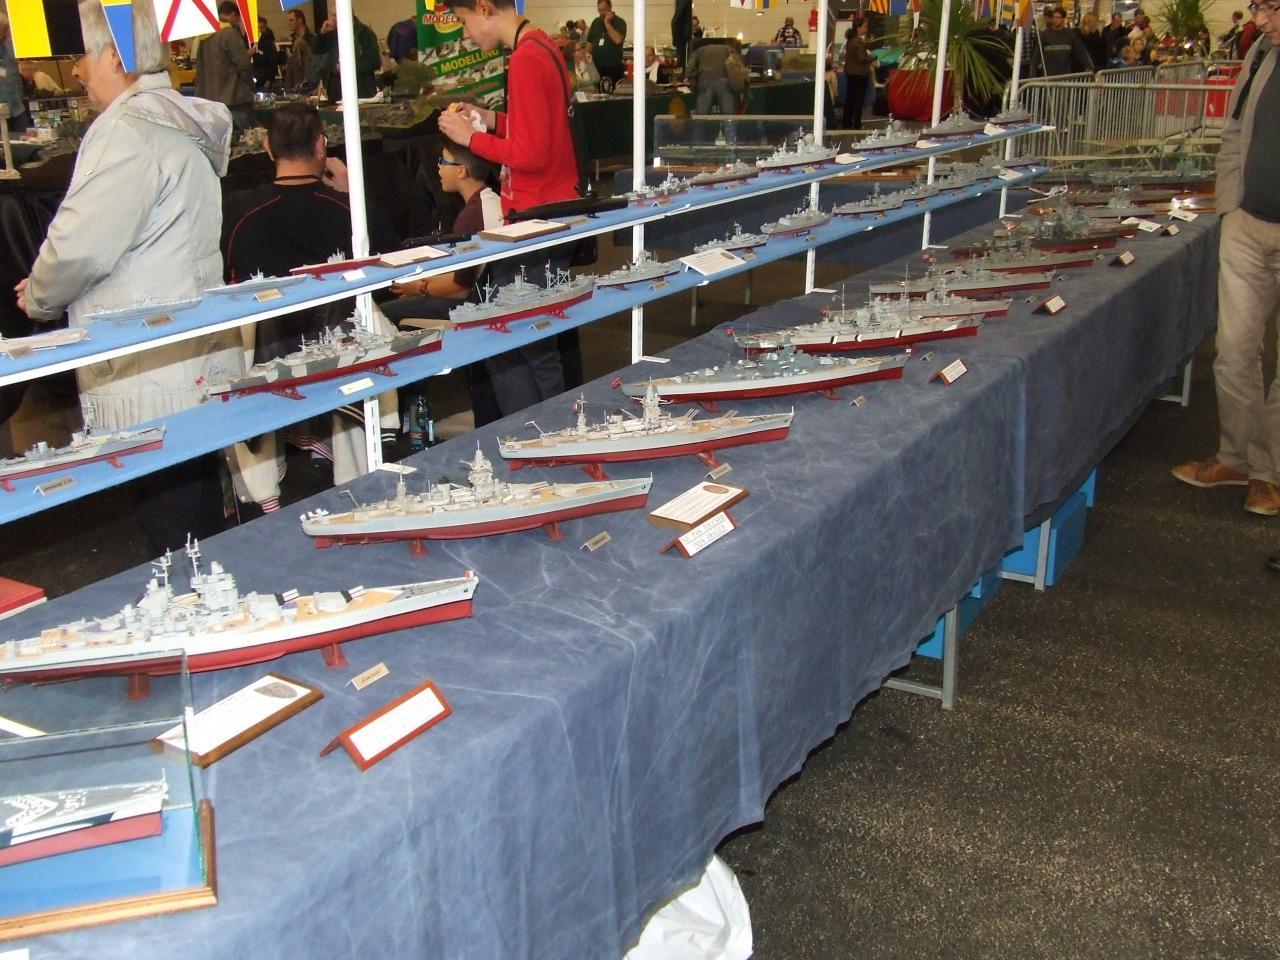 maquette de bateaux de guerre